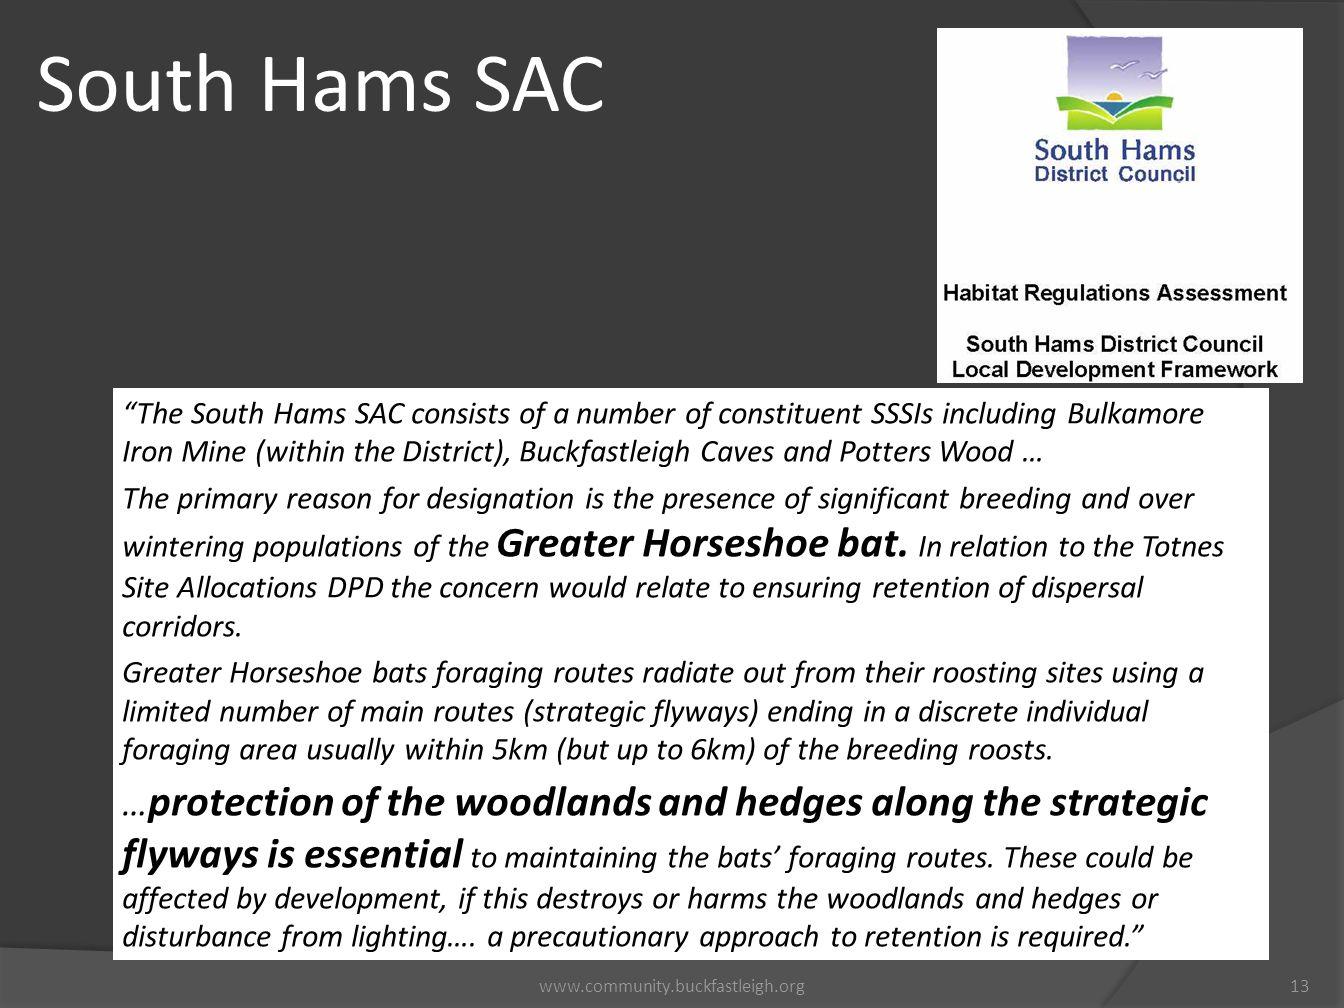 04/04/12 South Hams SAC.